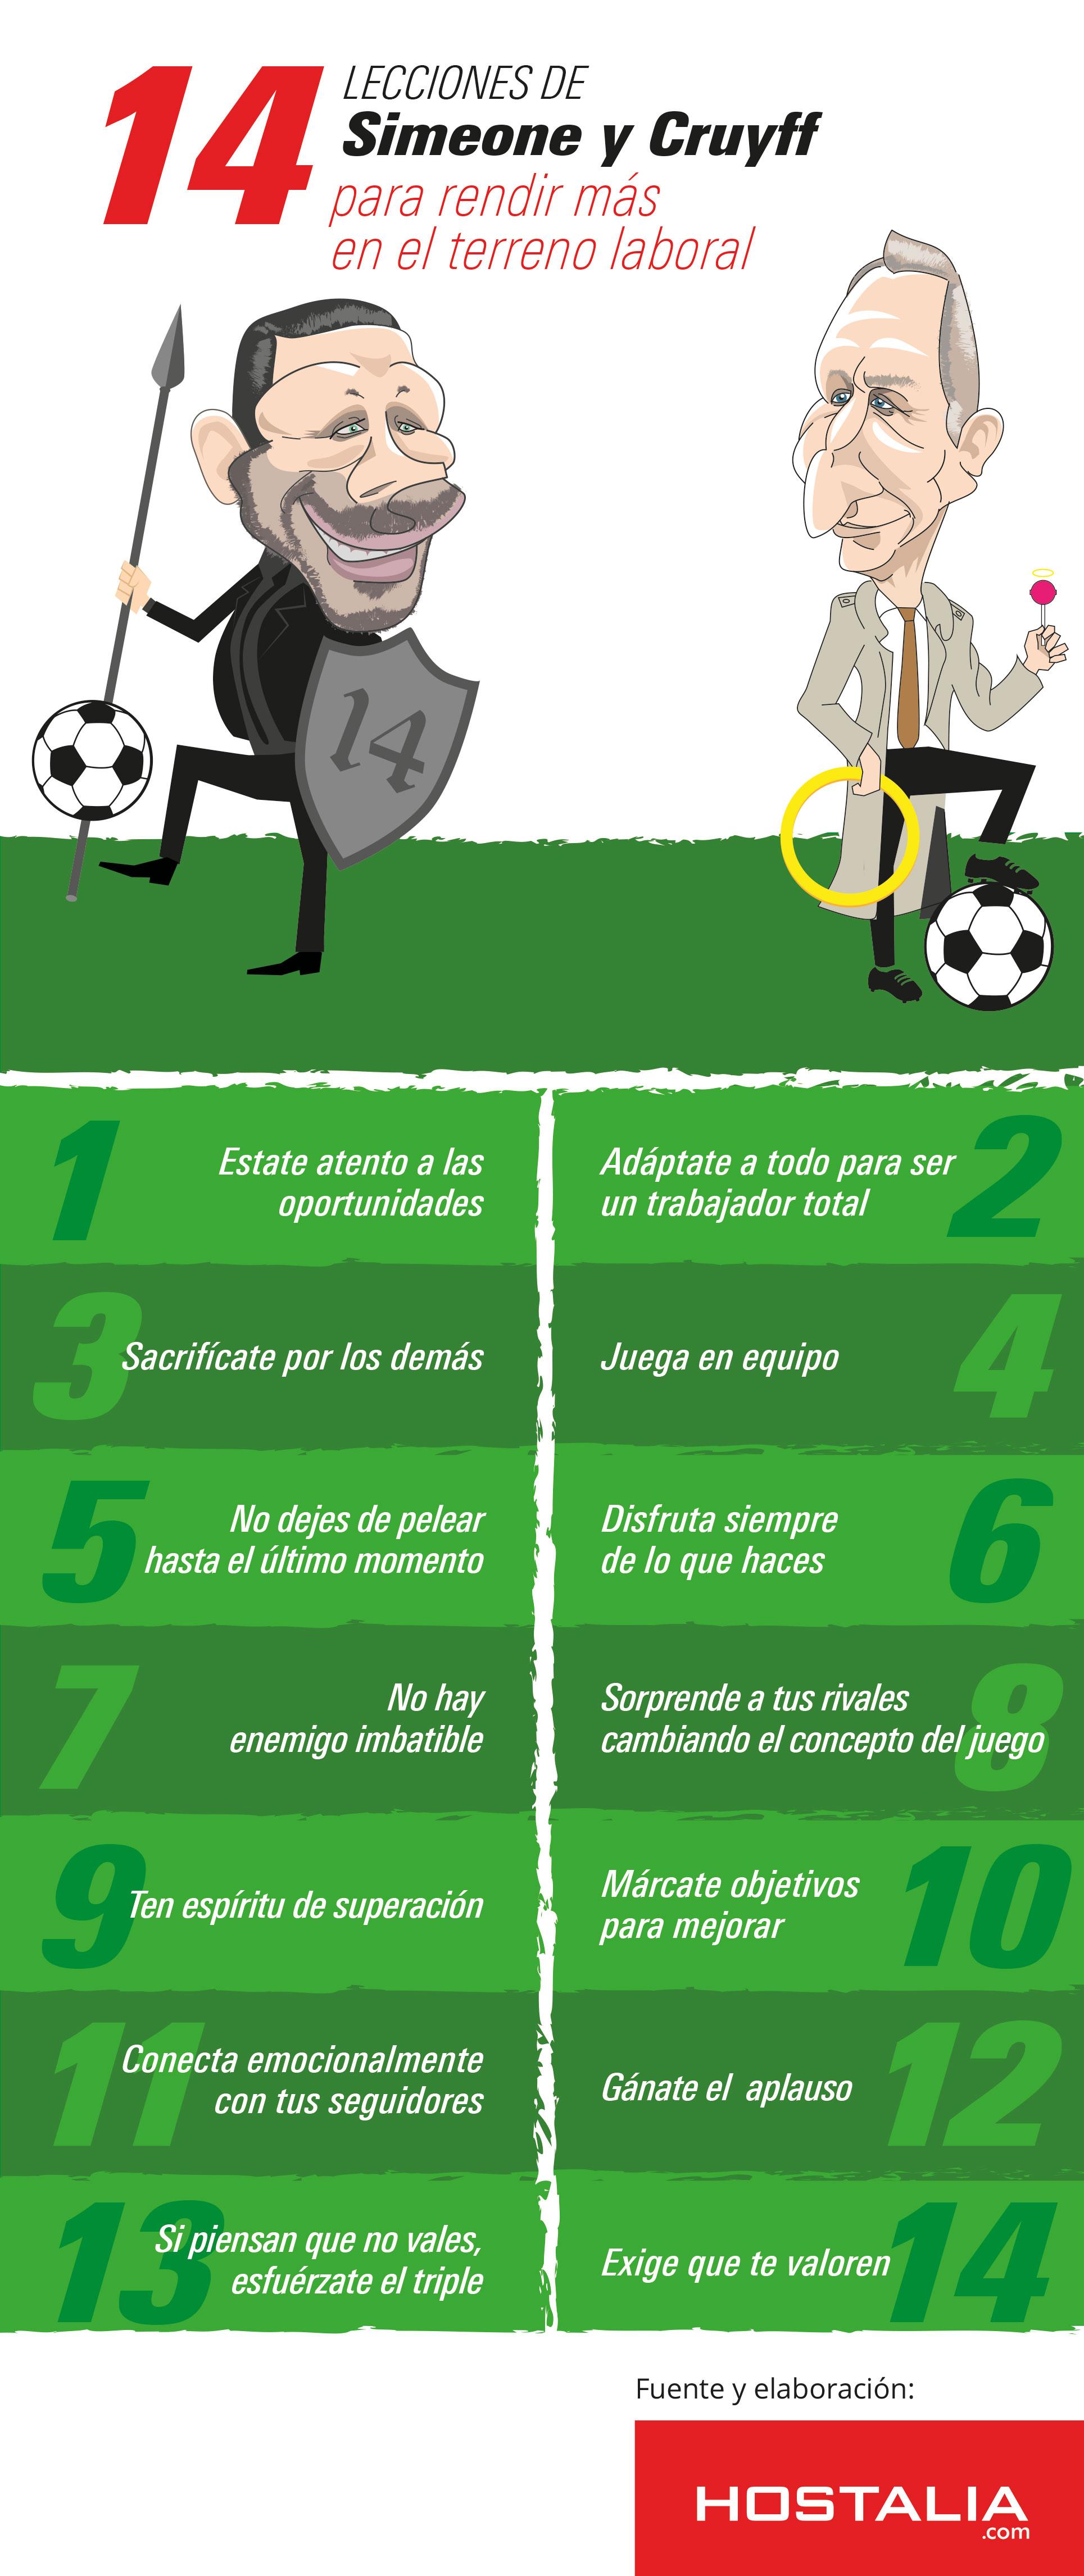 infografia-hostalia-14 -lecciones-cruyff-simeone-aplicables -ambito laboral